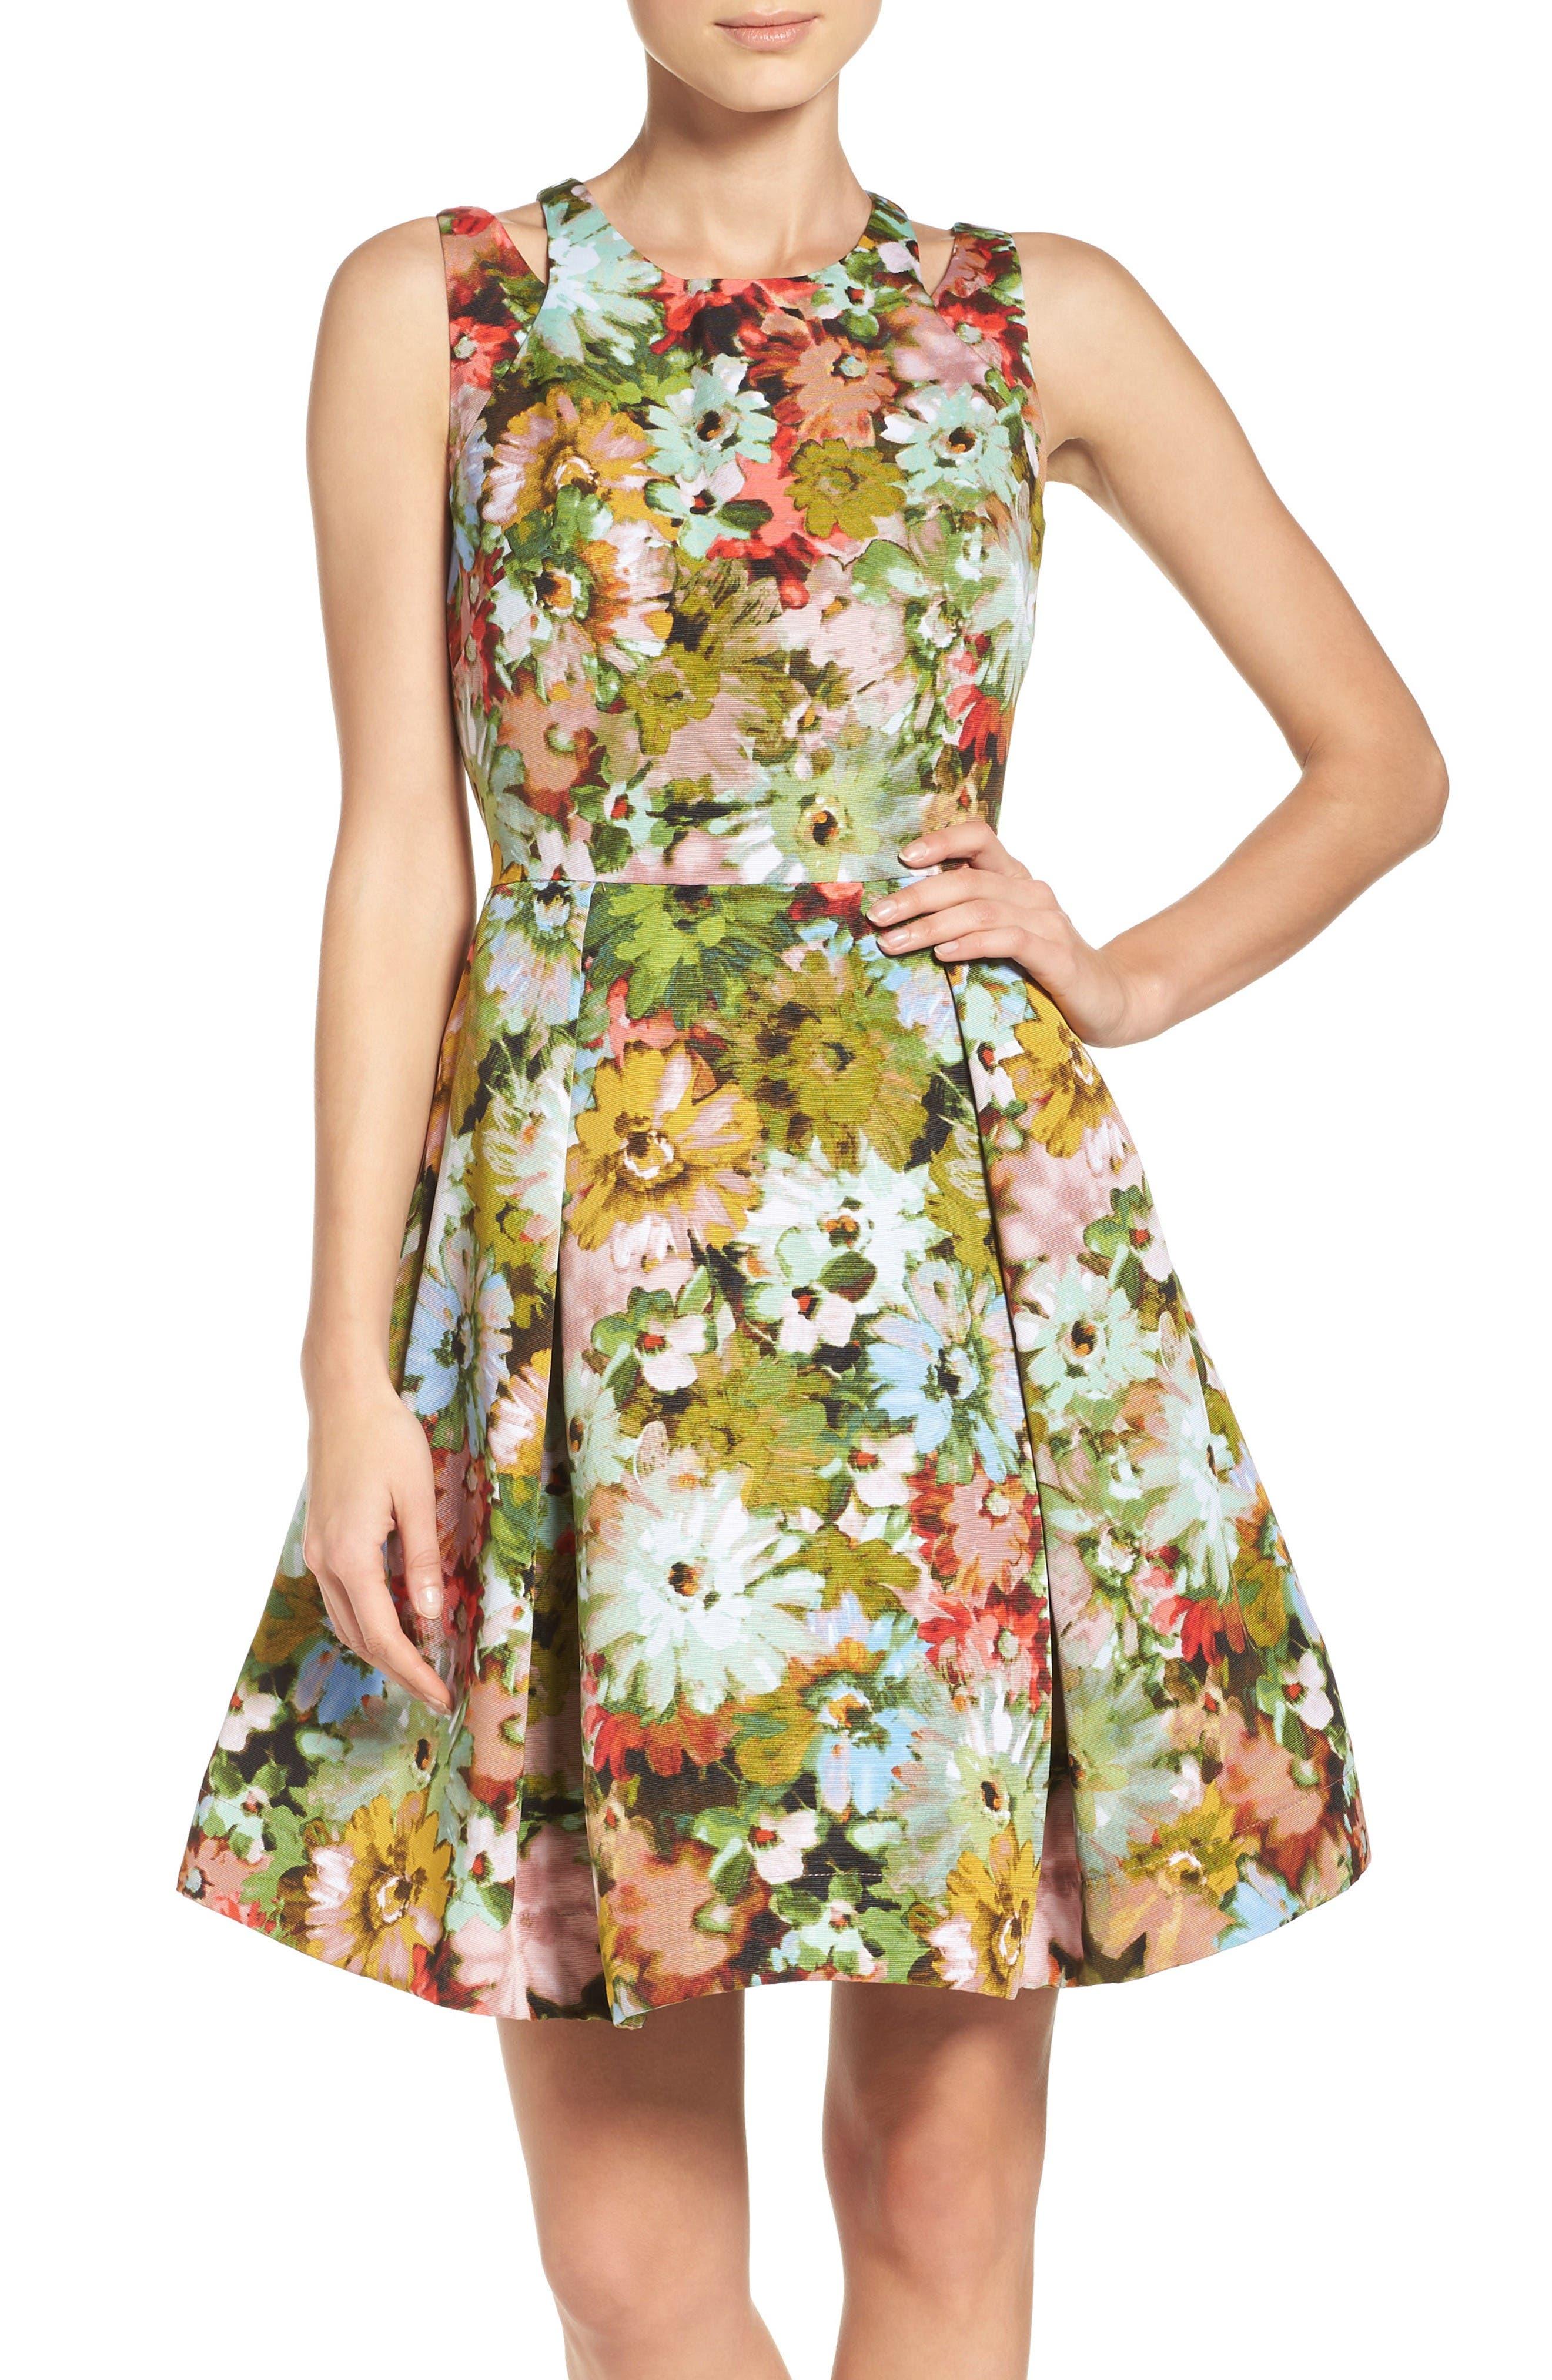 Alternate Image 1 Selected - Taylor Dresses Vintage Floral Fit & Flare Dress